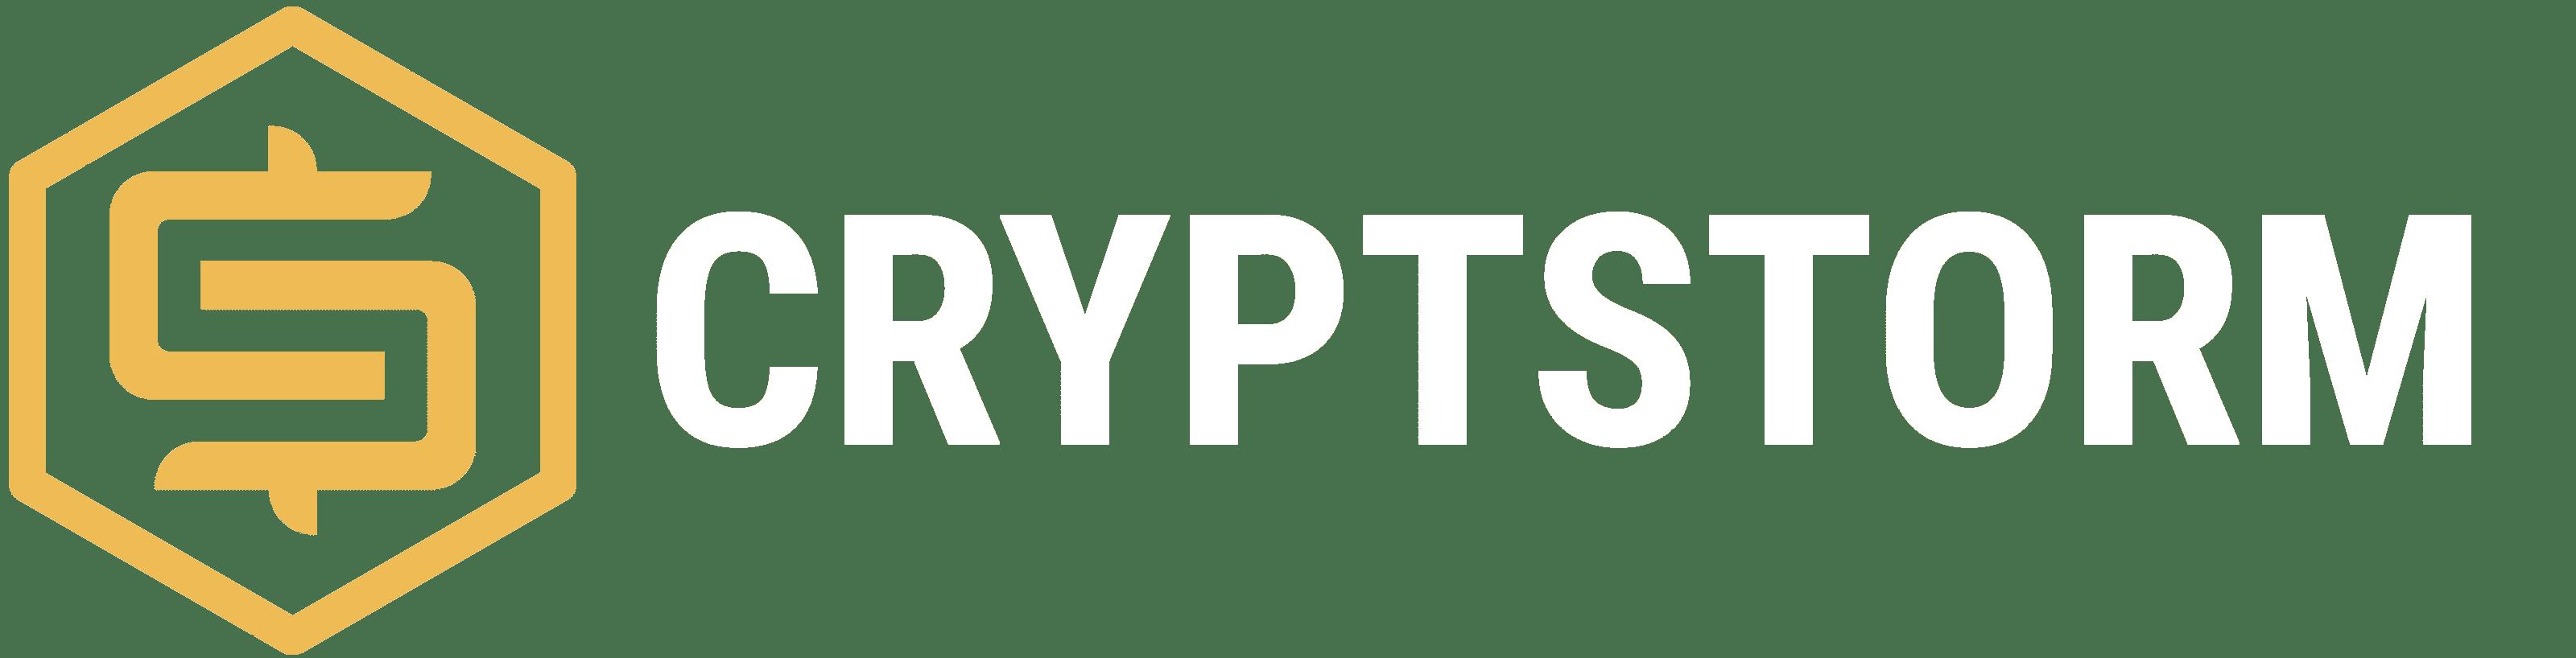 CryptStorm